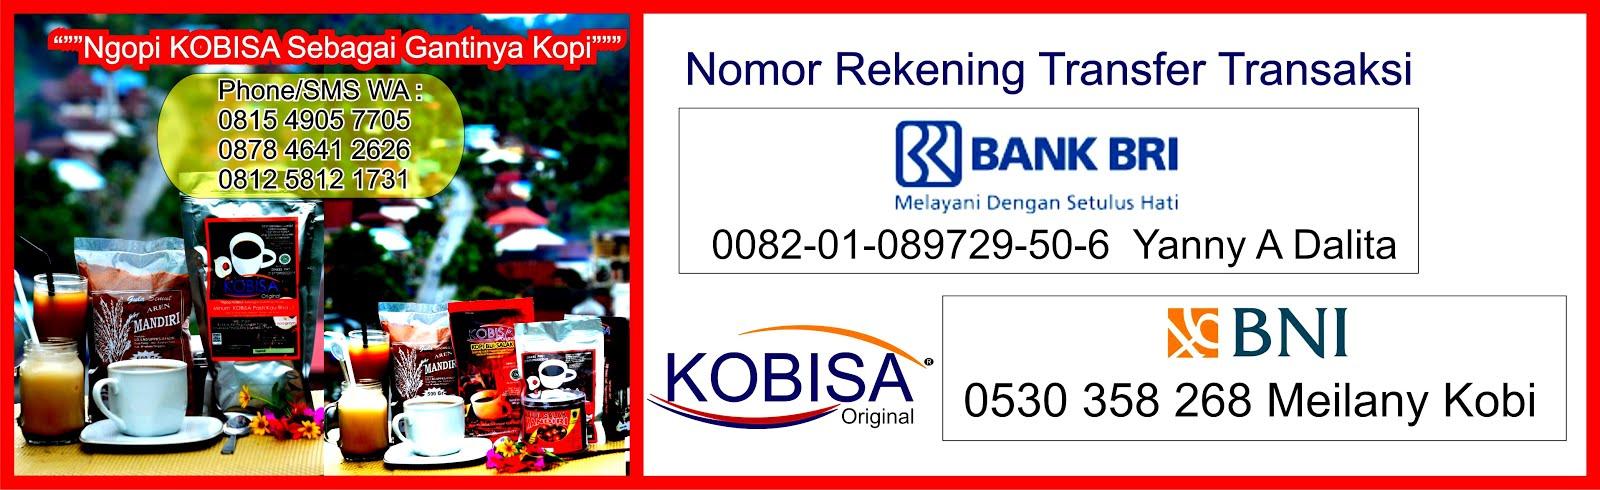 Rekening Transfer Transaksi KOBISA